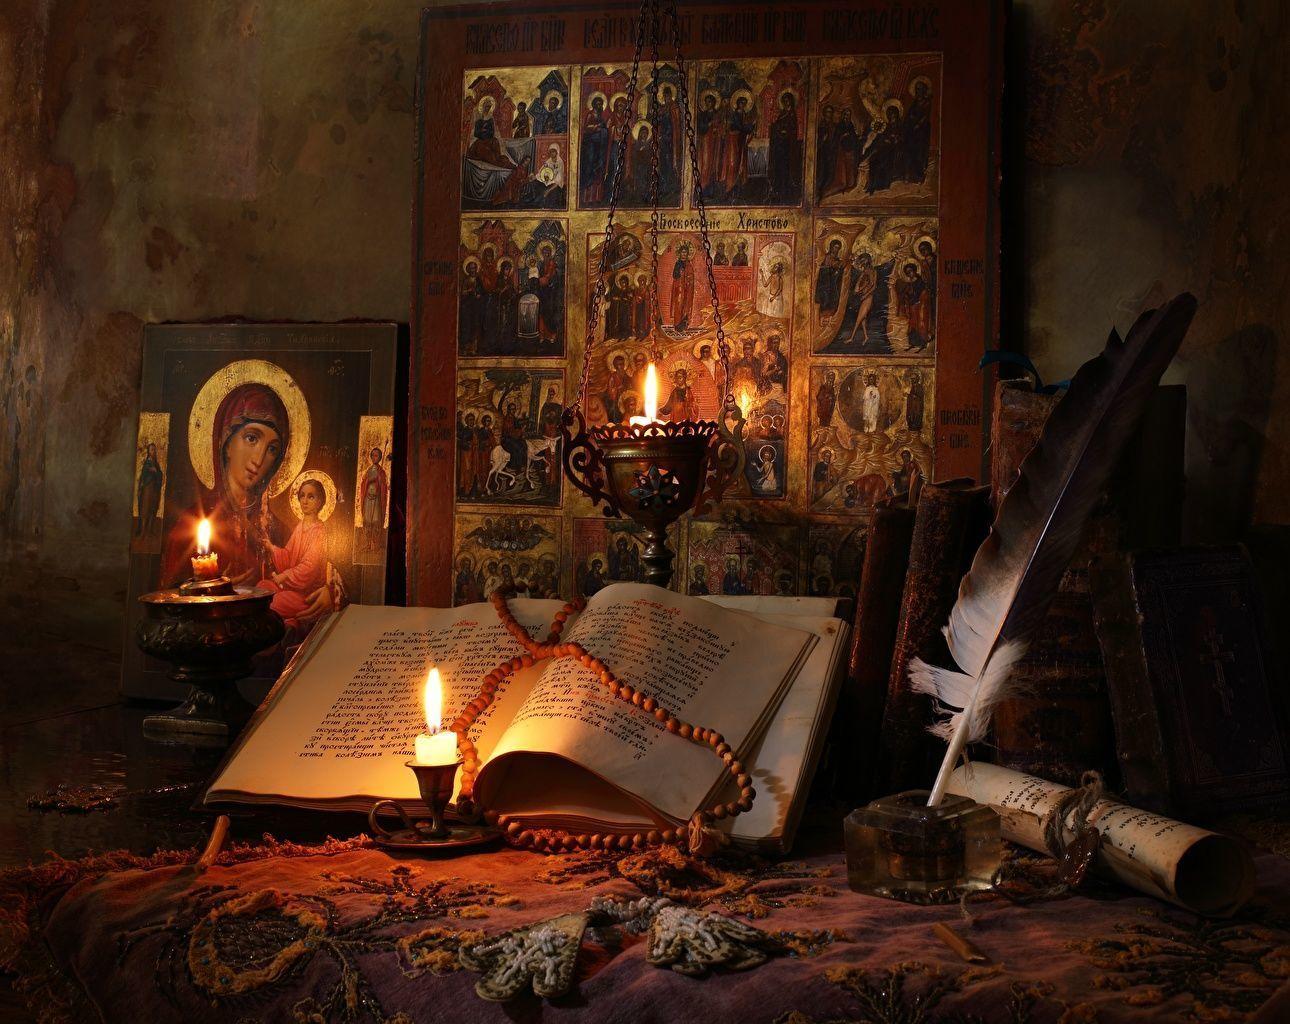 Великий православный пост в 2019 году 11 марта - 27 апреля праздник